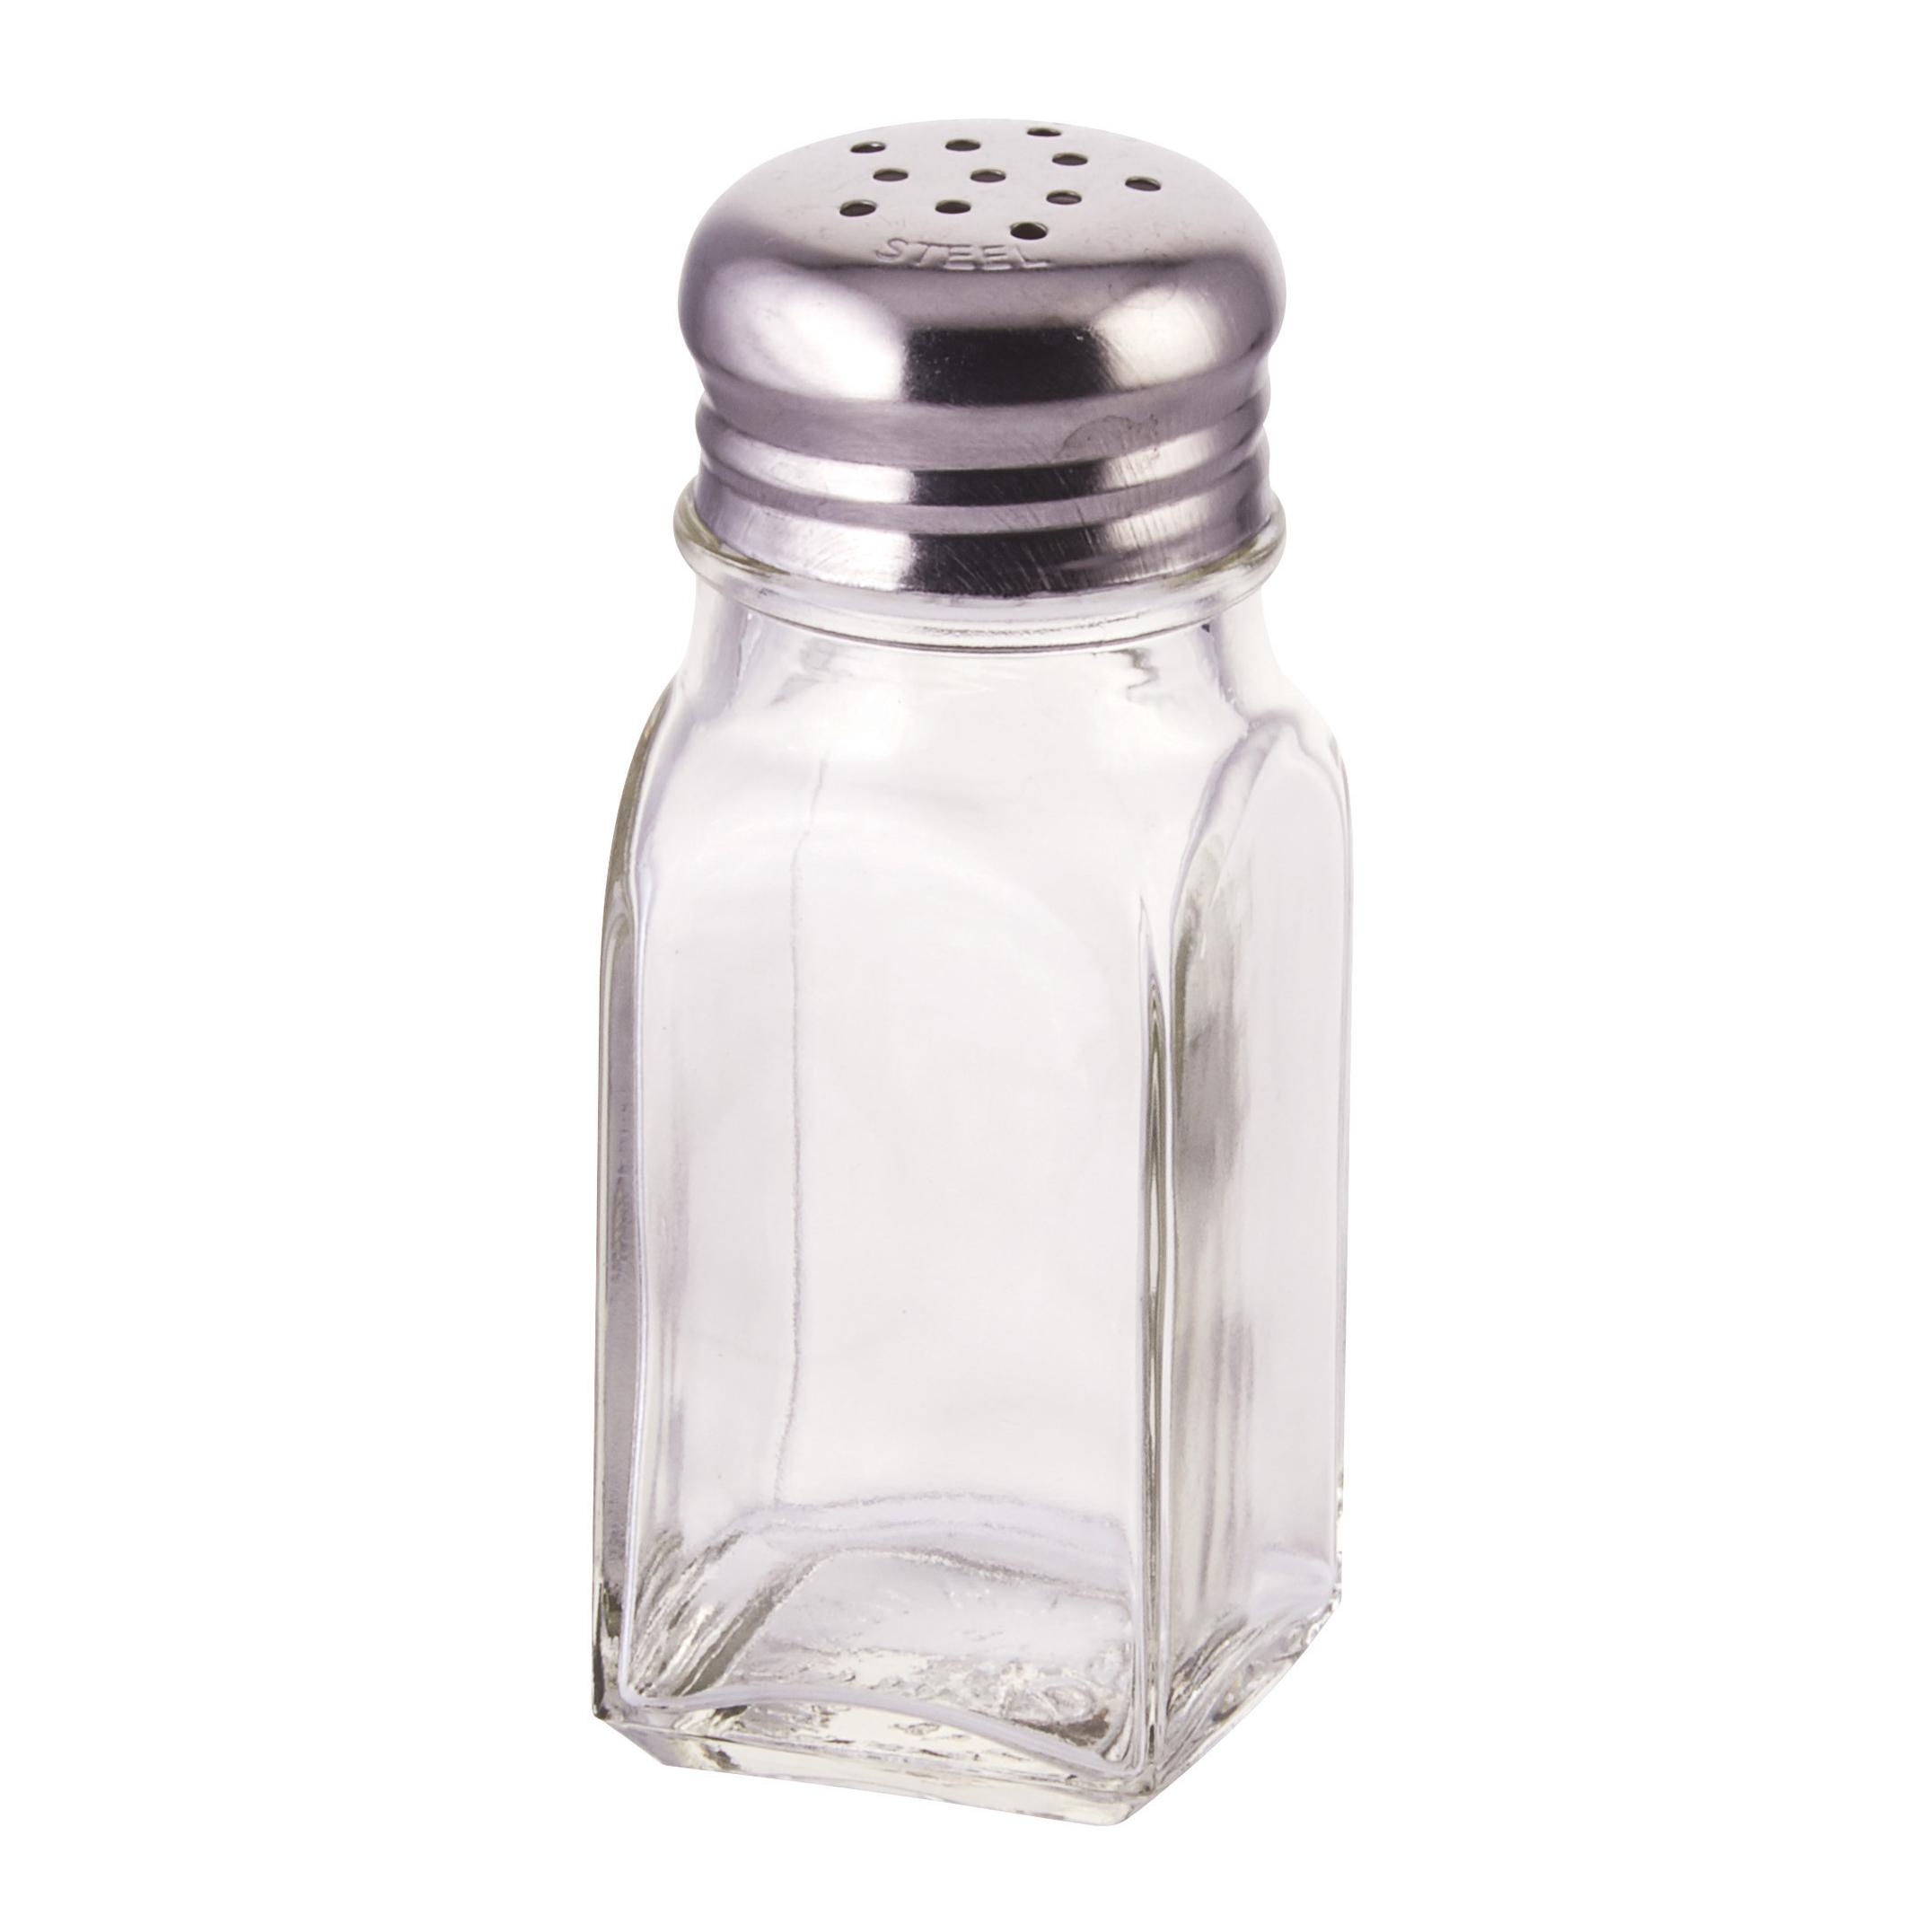 Winco G-109 salt / pepper shaker